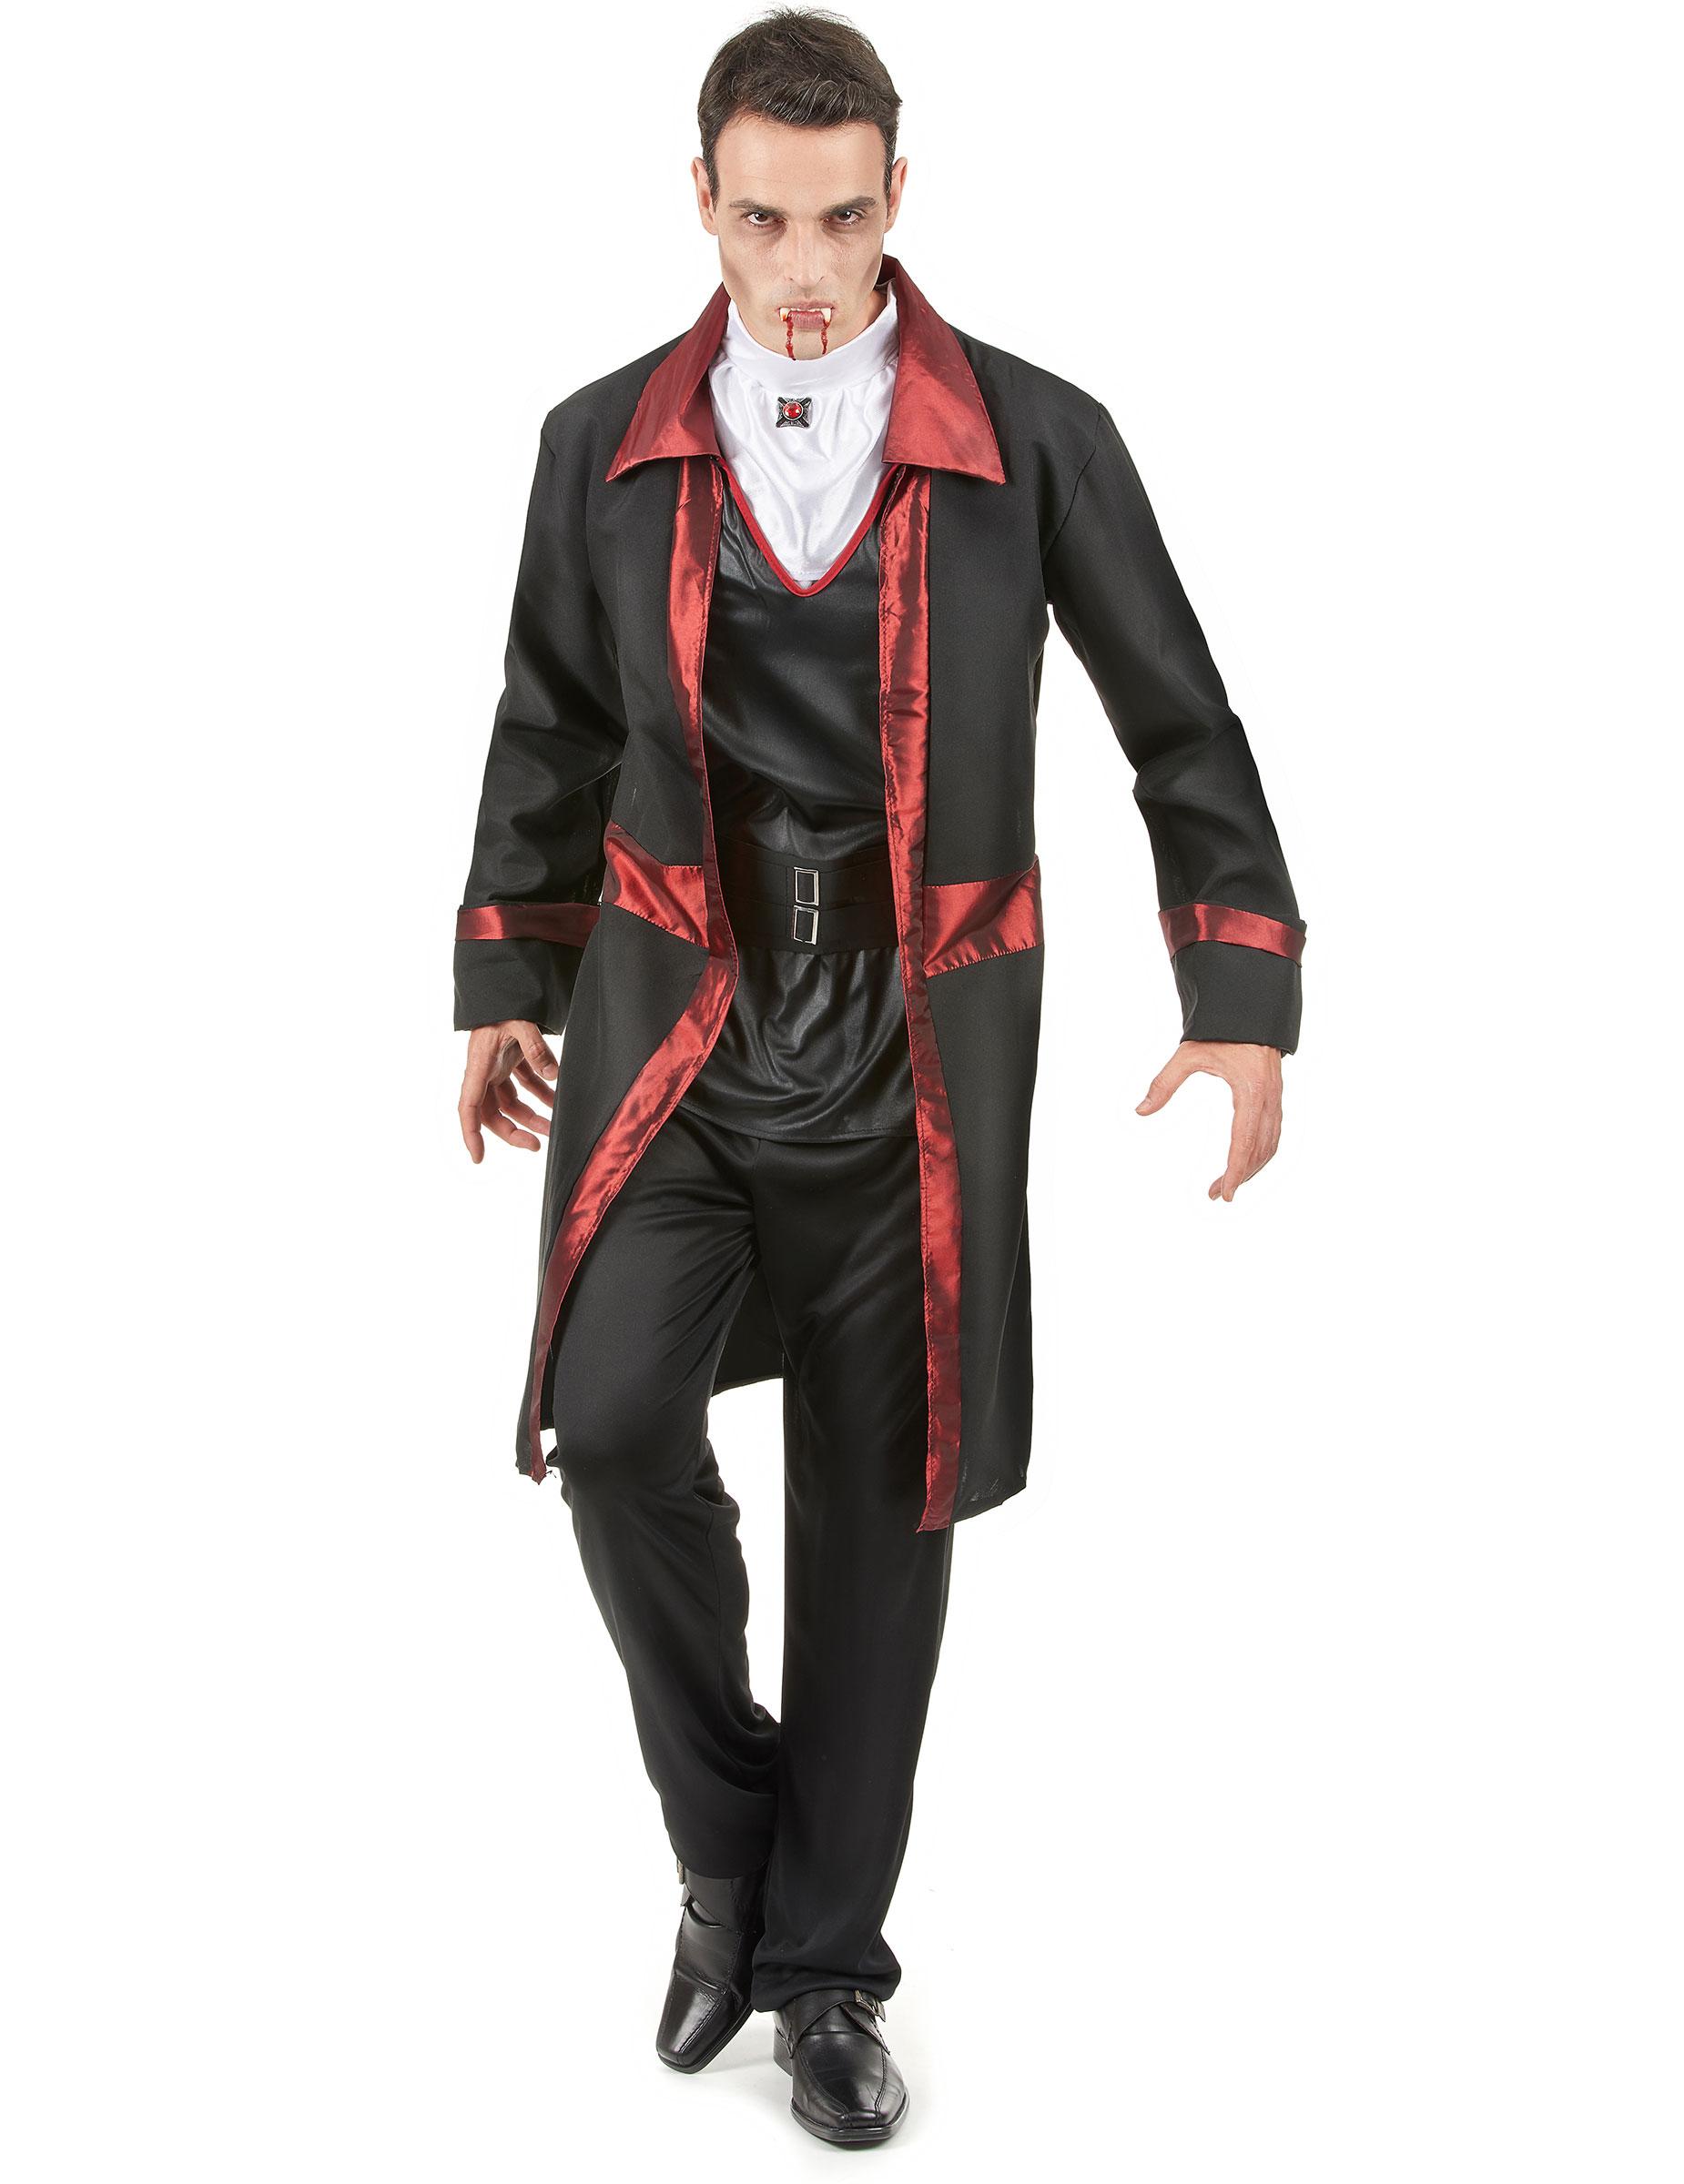 Ben noto Vestiti di Halloween horror per uomo e donna - Vegaoo.it IV76